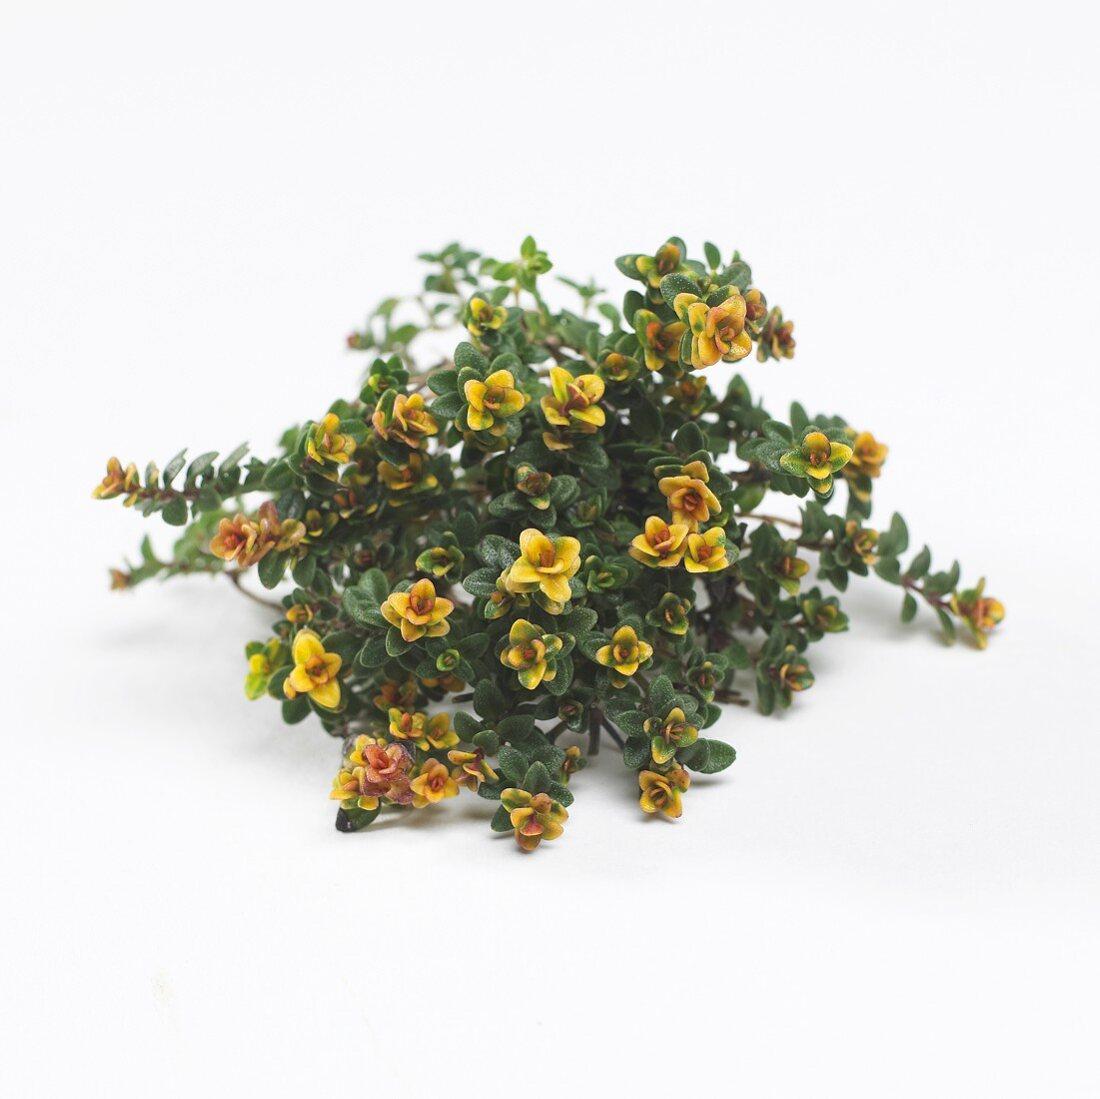 Thyme 'Doone Valley' (Thymus x citriodorus)